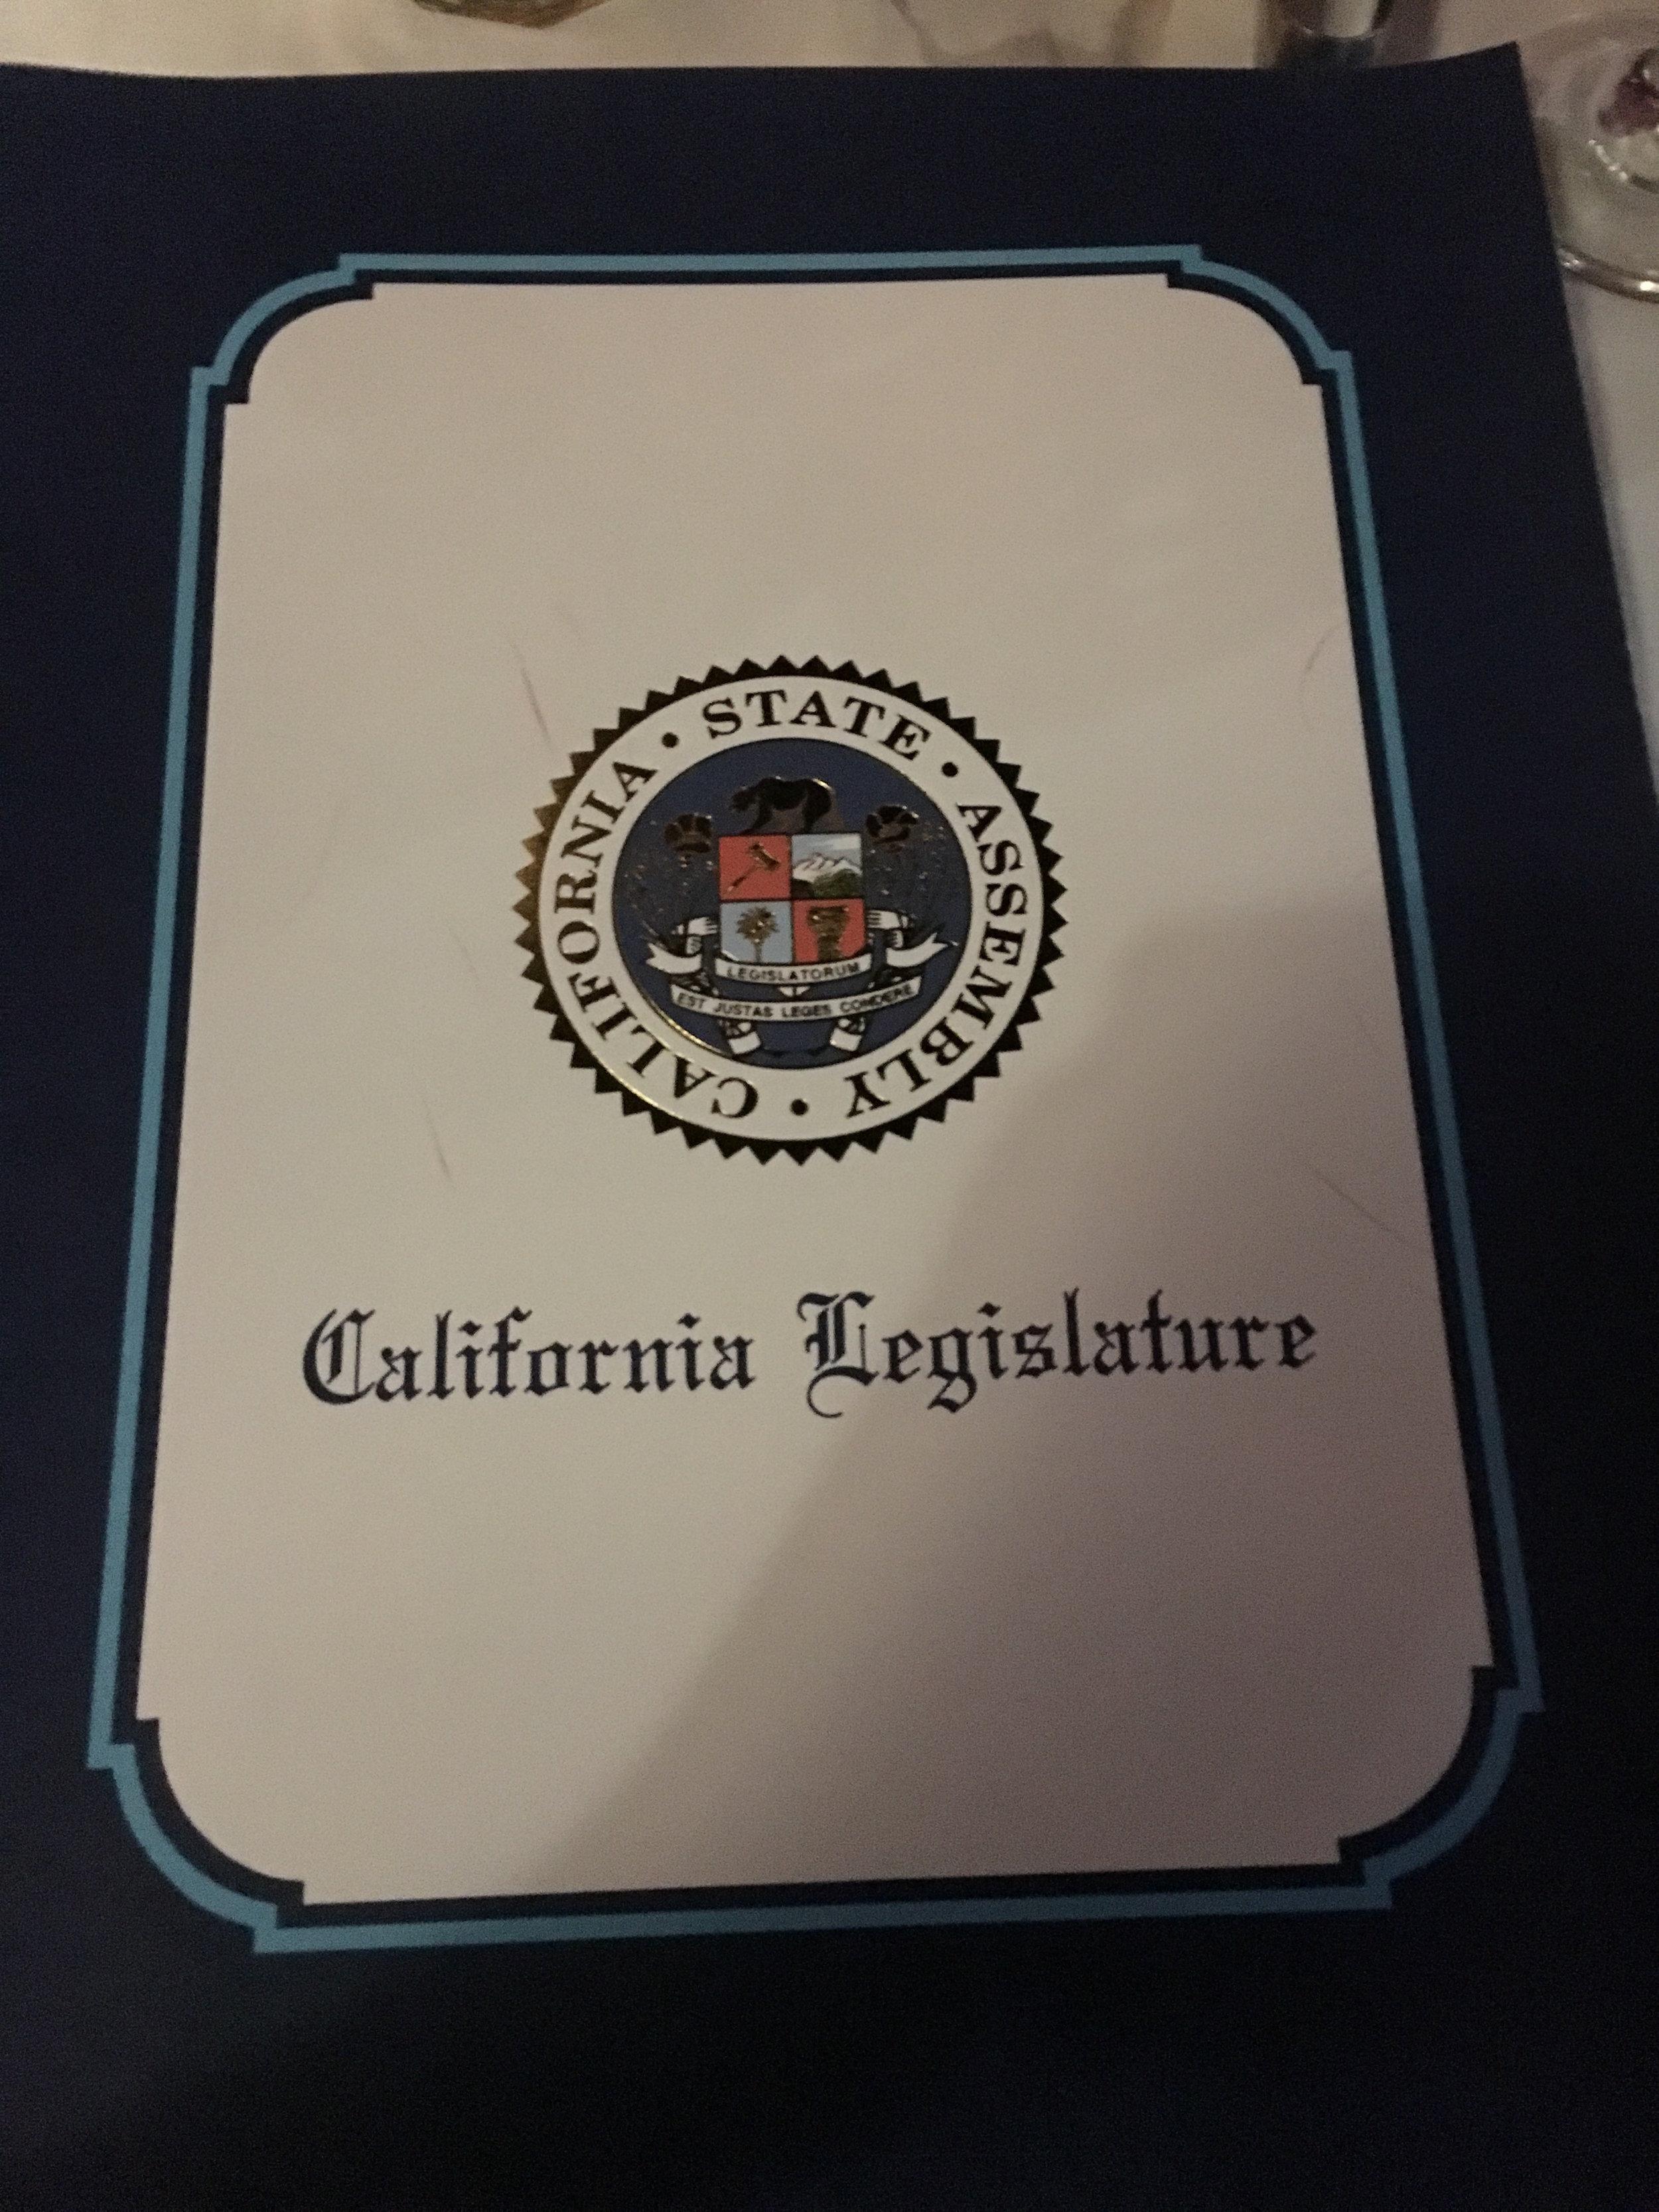 Glendale California assembly 1.jpg